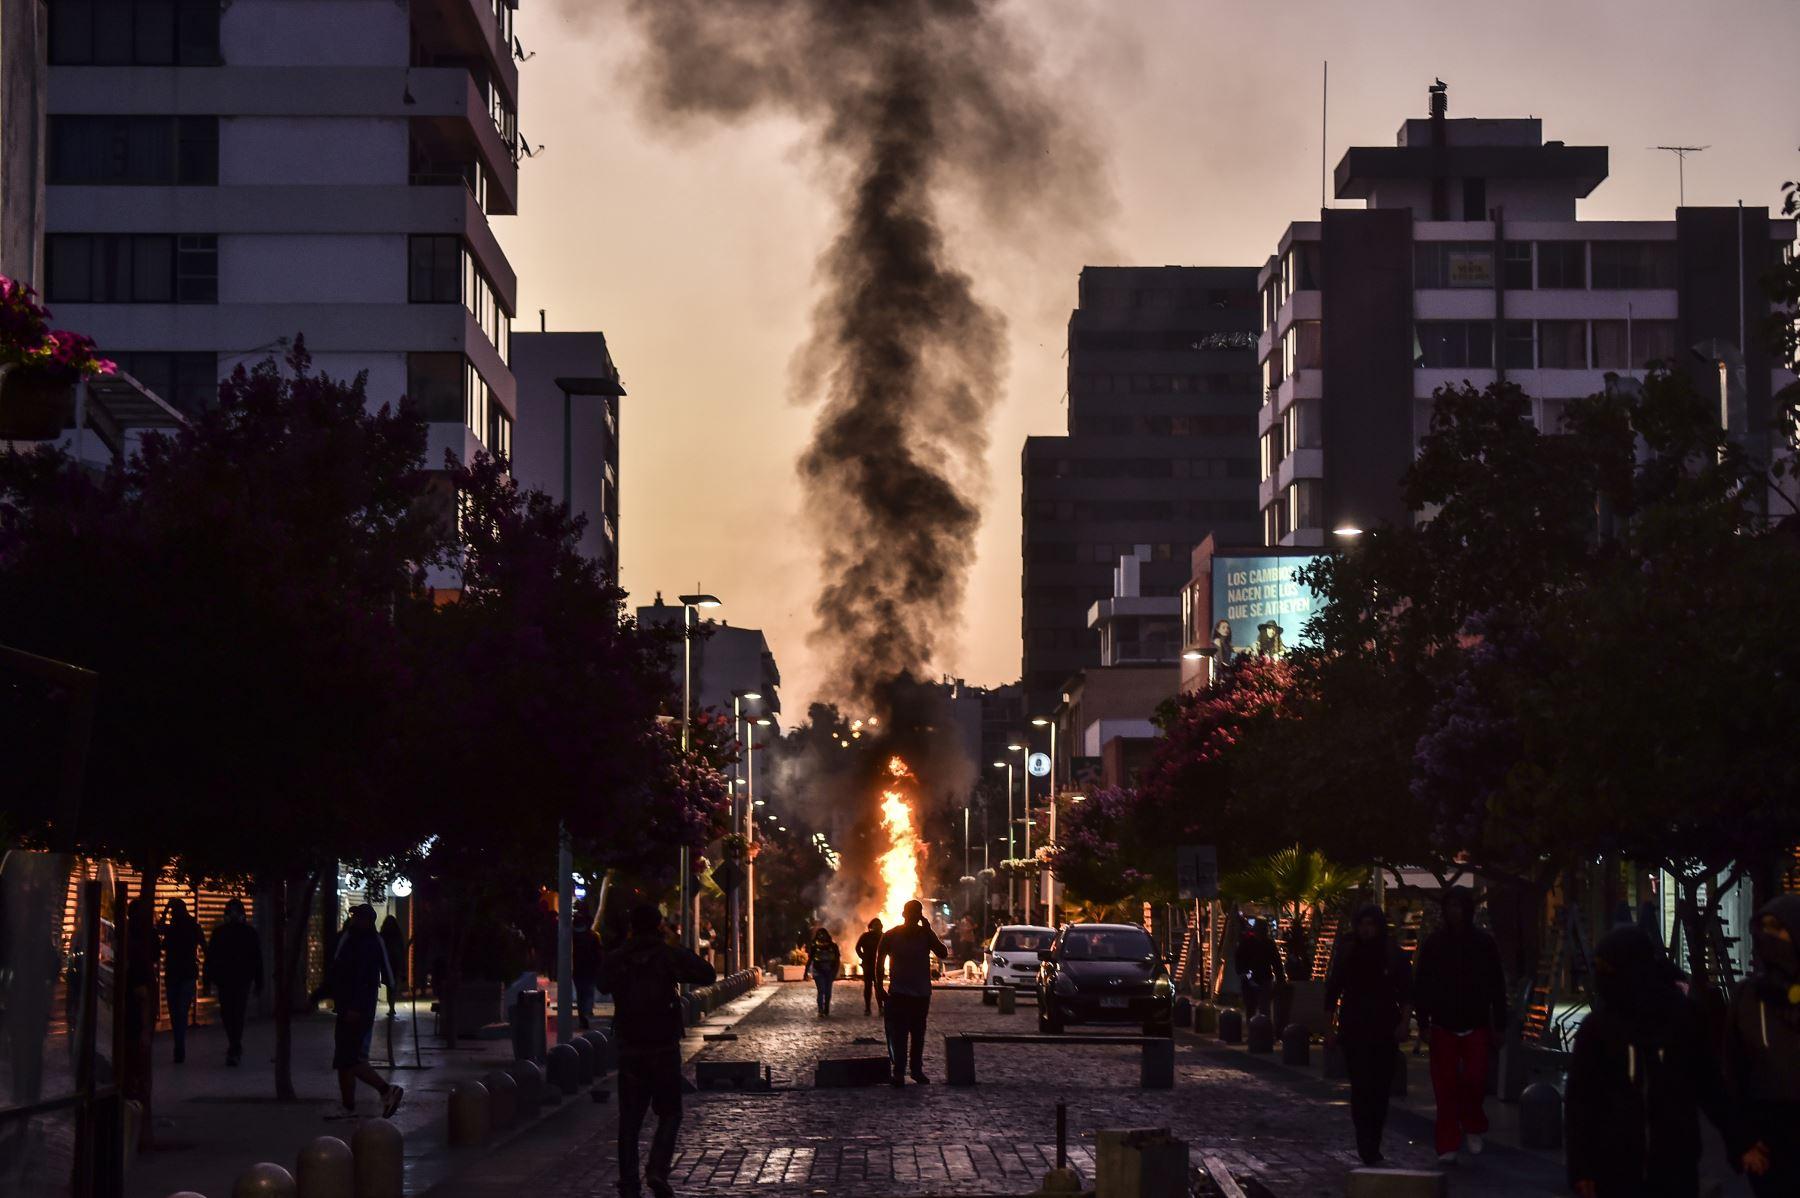 Los manifestantes son vistos en una barricada durante una protesta contra el gobierno del presidente chileno Sebastián Piñera en Viña del Mar. AFP